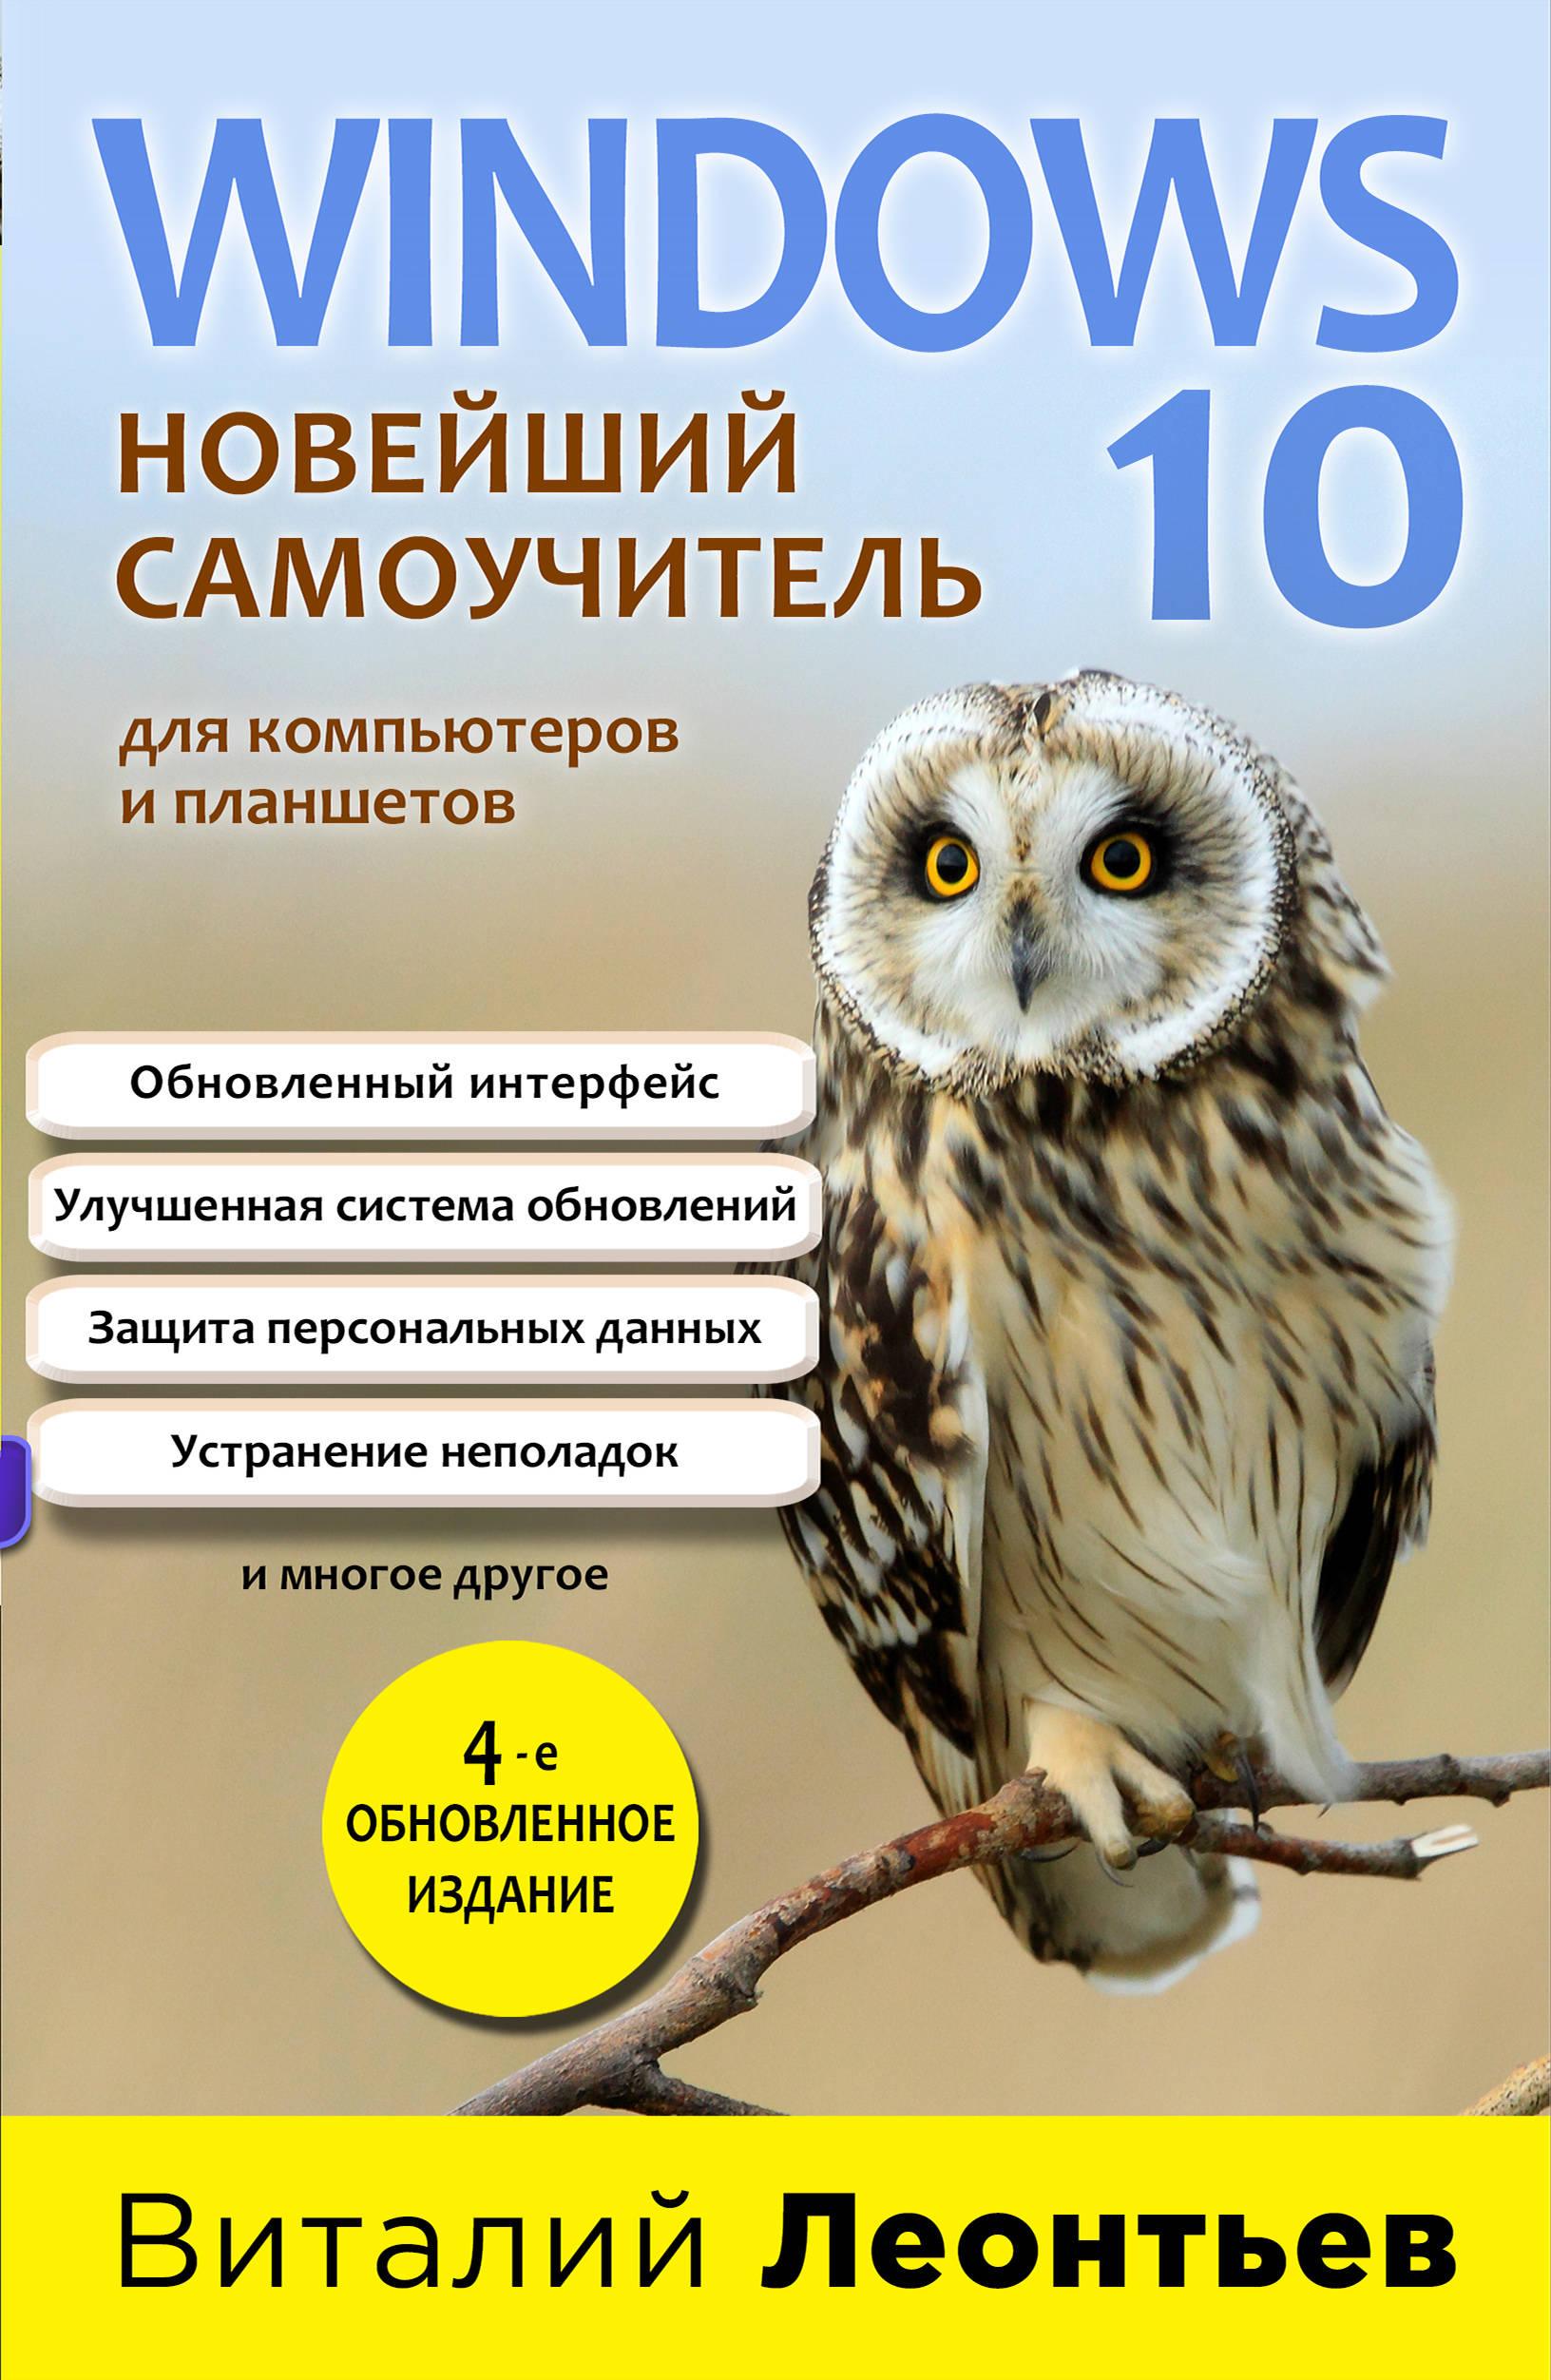 Windows 10. Novejshij samouchitel. 4-e izdanie